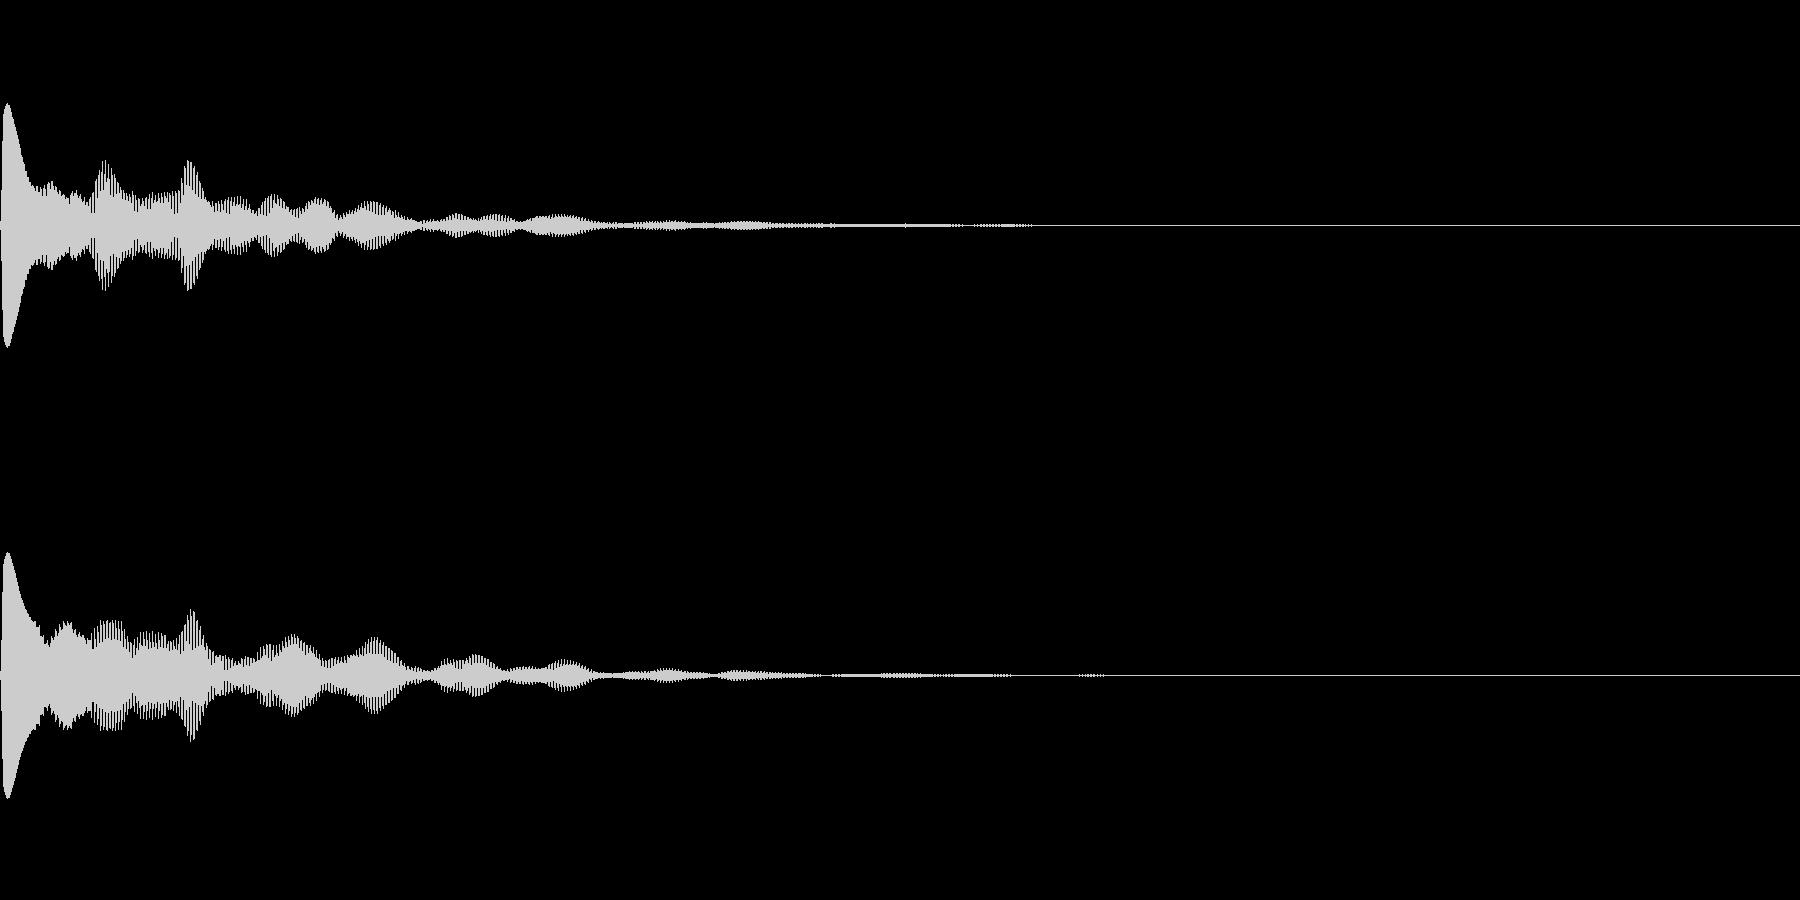 ポカーンとファンタジーなボタン音の未再生の波形